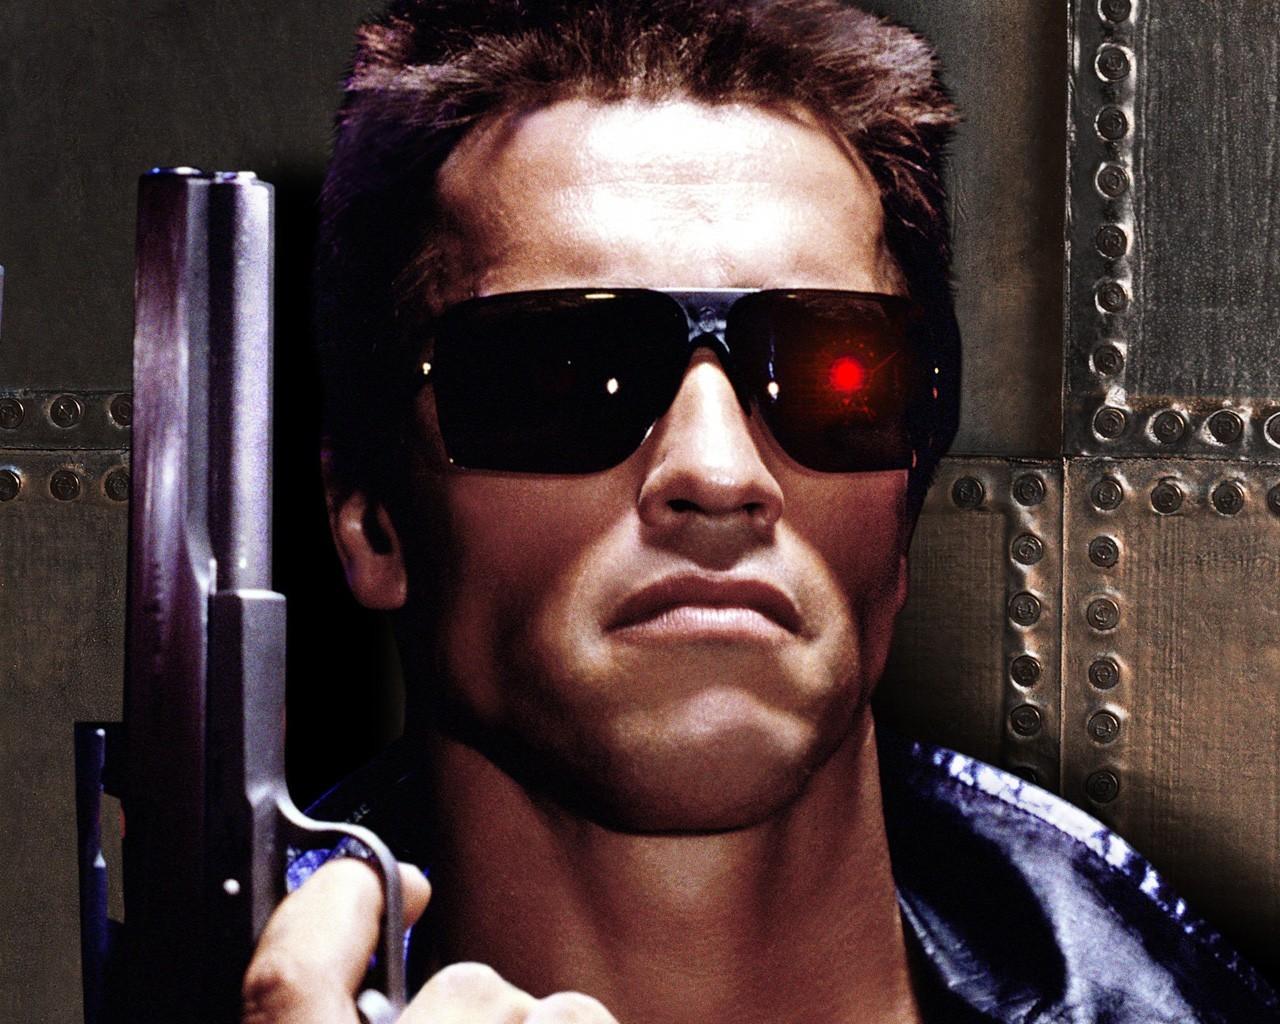 Смотреть онлайн фильмы в хорошем качестве старые боевики